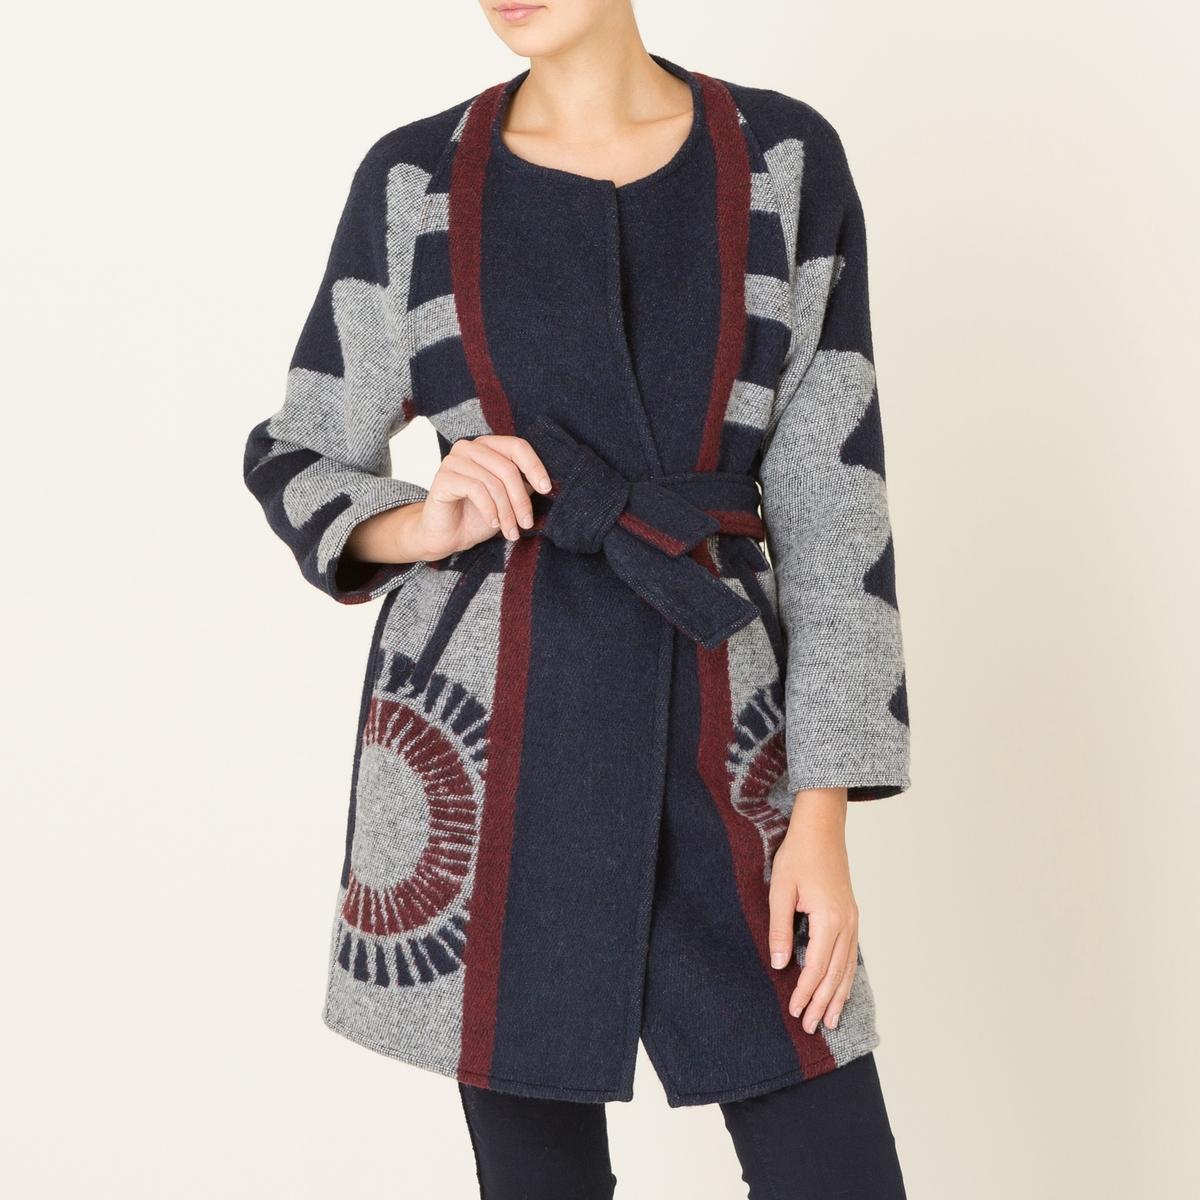 Пальто KYLE пальто длинное с зигзагообразным рисунком